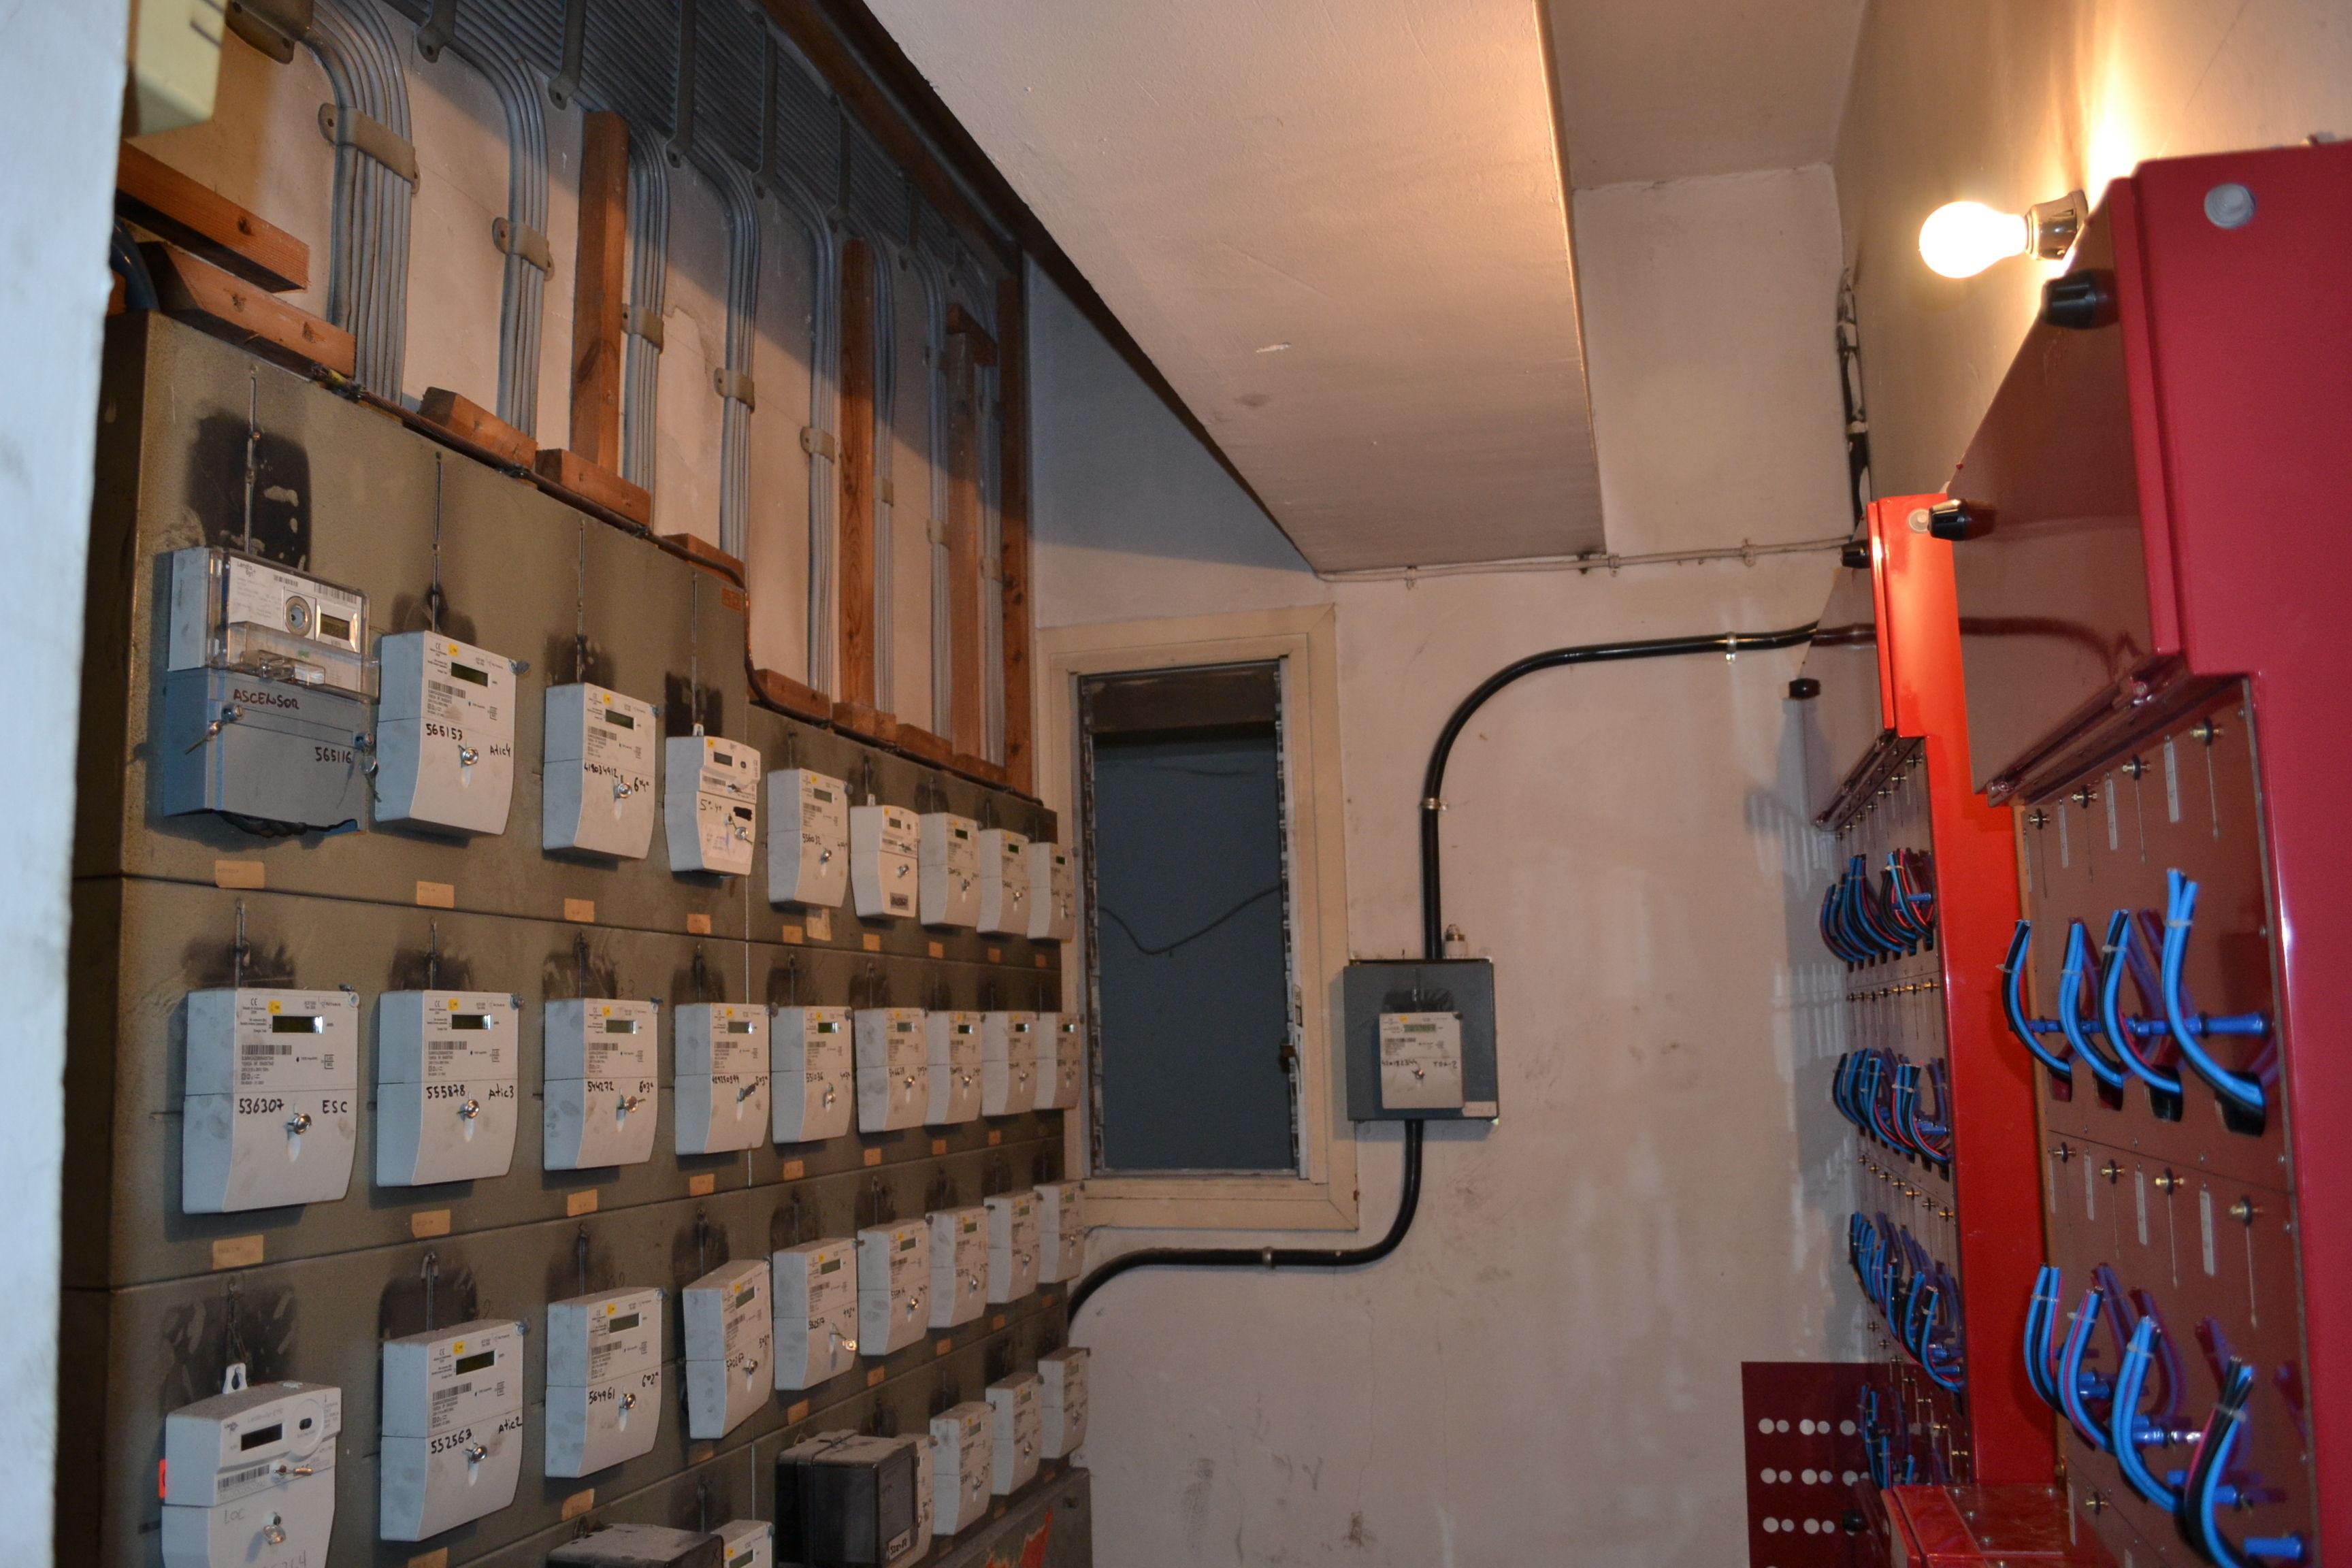 Renovación de centralización de contadores en Barcelona